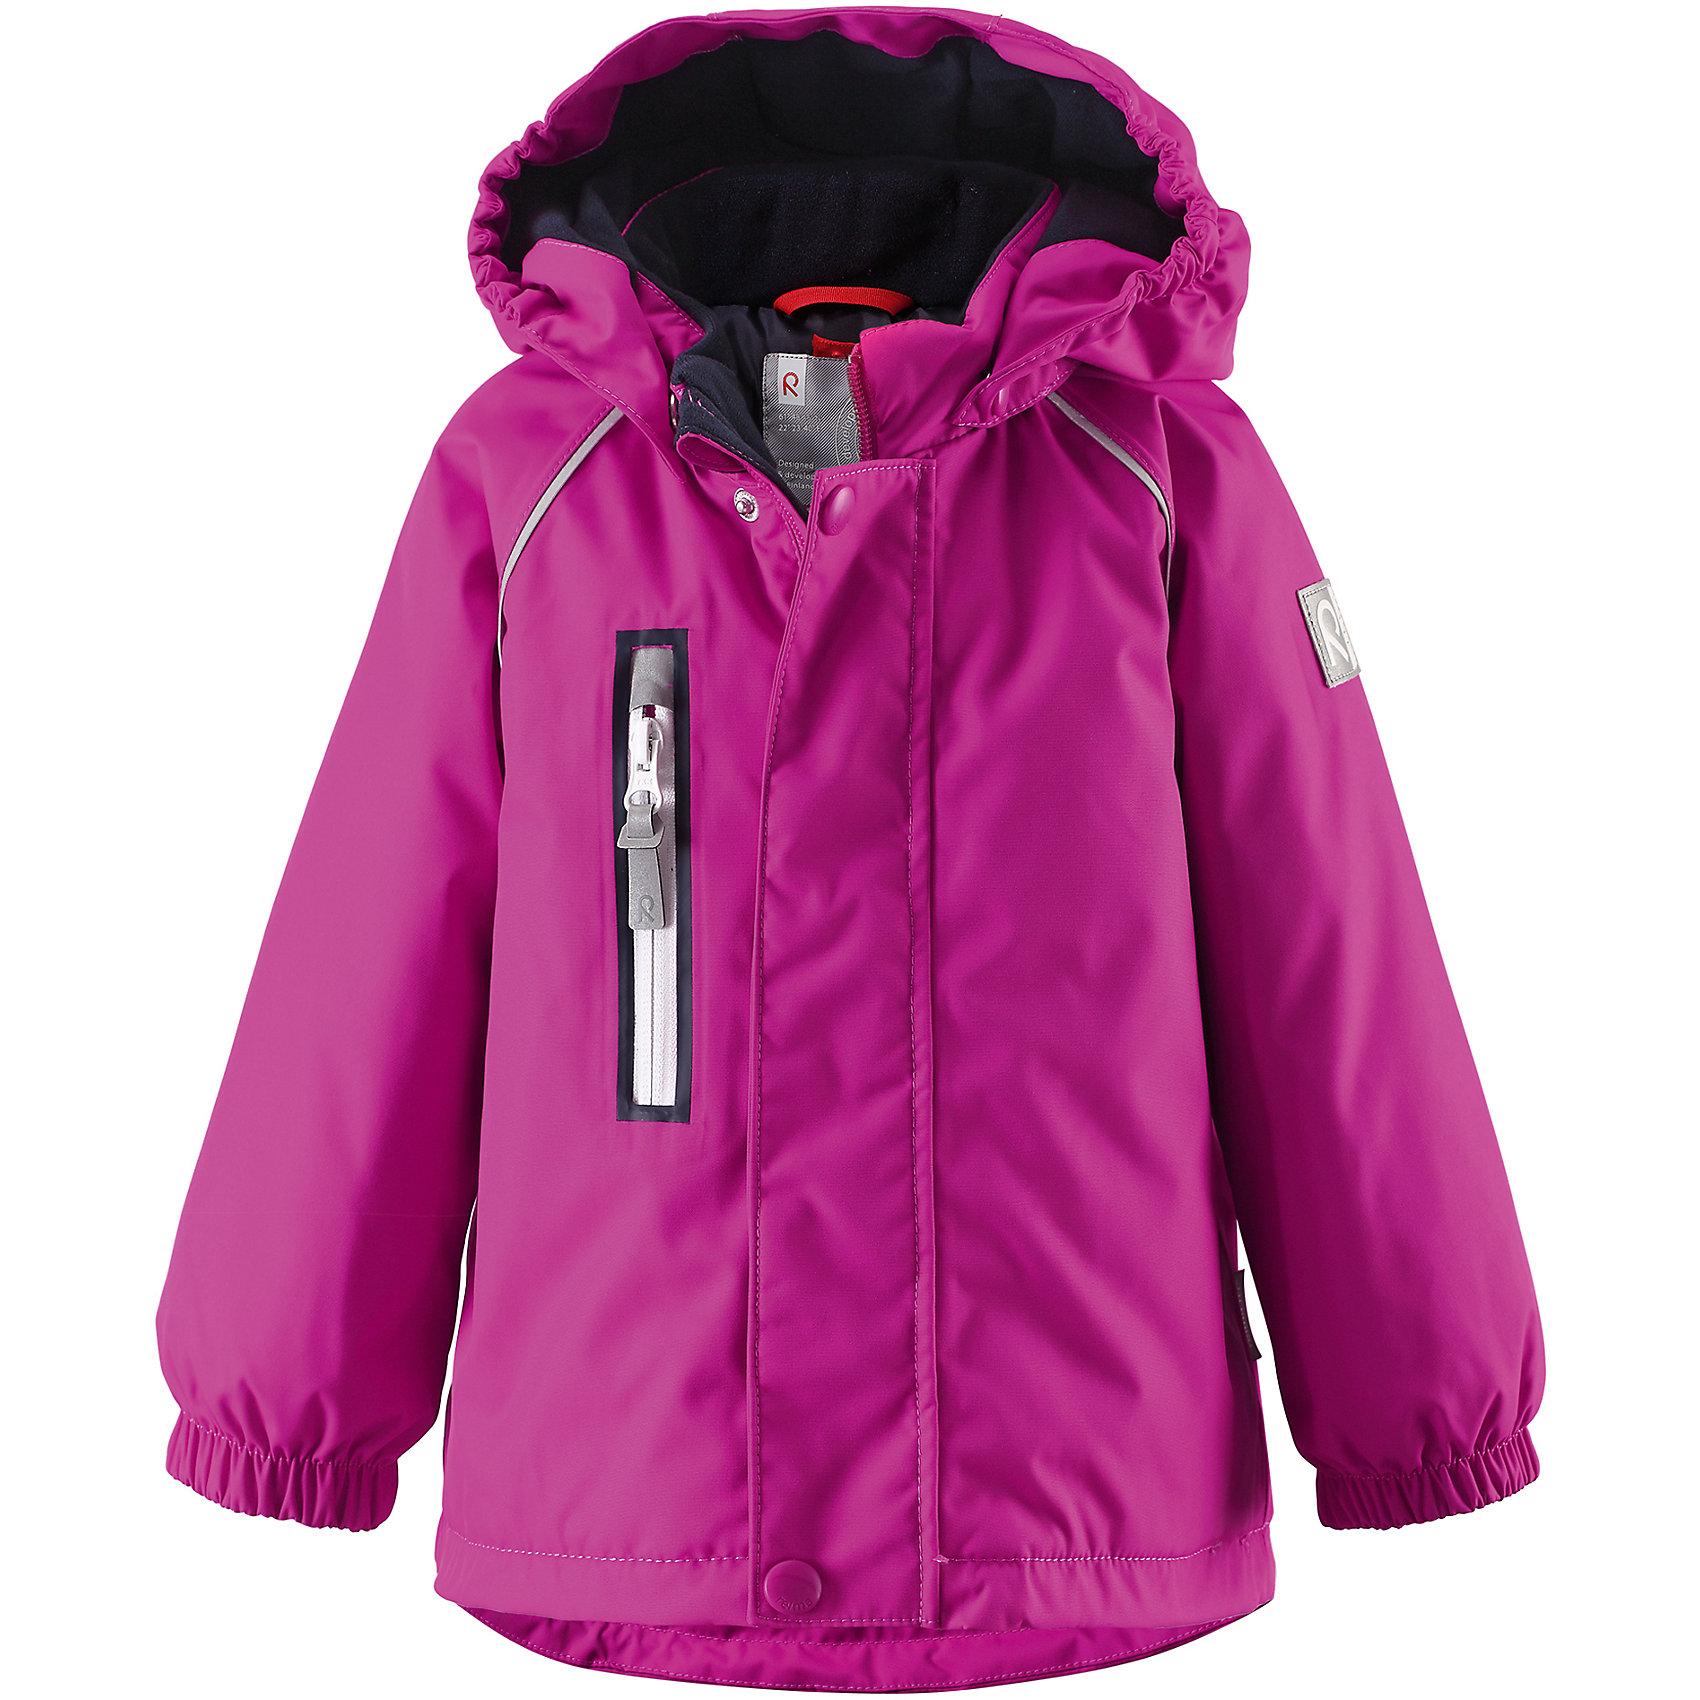 Куртка Pesue для девочки Reimatec® ReimaОдежда<br>Характеристики товара:<br><br>• цвет: фуксия<br>• состав: 100% полиэстер, полиуретановое покрытие<br>• температурный режим: 0° до -20° градусов<br>• утеплитель: Reima Comfort + 160 г<br>• водонепроницаемая мембрана: от 15000 мм<br>• основные швы проклеены<br>• съёмный капюшон<br>• молния<br>• светоотражающие детали<br>• «дышащий» материал<br>• ветро- водо- и грязеотталкивающий материал<br>• кнопки Reima® Play Layers <br>• карманы<br>• комфортная посадка<br>• страна производства: Китай<br>• страна бренда: Финляндия<br><br>Верхняя одежда для детей может быть модной и комфортной одновременно! Эти зимняя куртка поможет обеспечить ребенку комфорт и тепло. Она отлично смотрится с различной одеждой и обувью. Изделие удобно сидит и модно выглядит. Стильный дизайн разрабатывался специально для детей. Отличный вариант для активного отдыха зимой!<br><br>Одежда и обувь от финского бренда Reima пользуется популярностью во многих странах. Эти изделия стильные, качественные и удобные. Для производства продукции используются только безопасные, проверенные материалы и фурнитура. Порадуйте ребенка модными и красивыми вещами от Reima! <br><br>Куртку Pesue для девочки от финского бренда Reimatec® Reima (Рейма) можно купить в нашем интернет-магазине.<br><br>Ширина мм: 356<br>Глубина мм: 10<br>Высота мм: 245<br>Вес г: 519<br>Цвет: розовый<br>Возраст от месяцев: 12<br>Возраст до месяцев: 15<br>Пол: Унисекс<br>Возраст: Детский<br>Размер: 80,92,98,86<br>SKU: 5415430